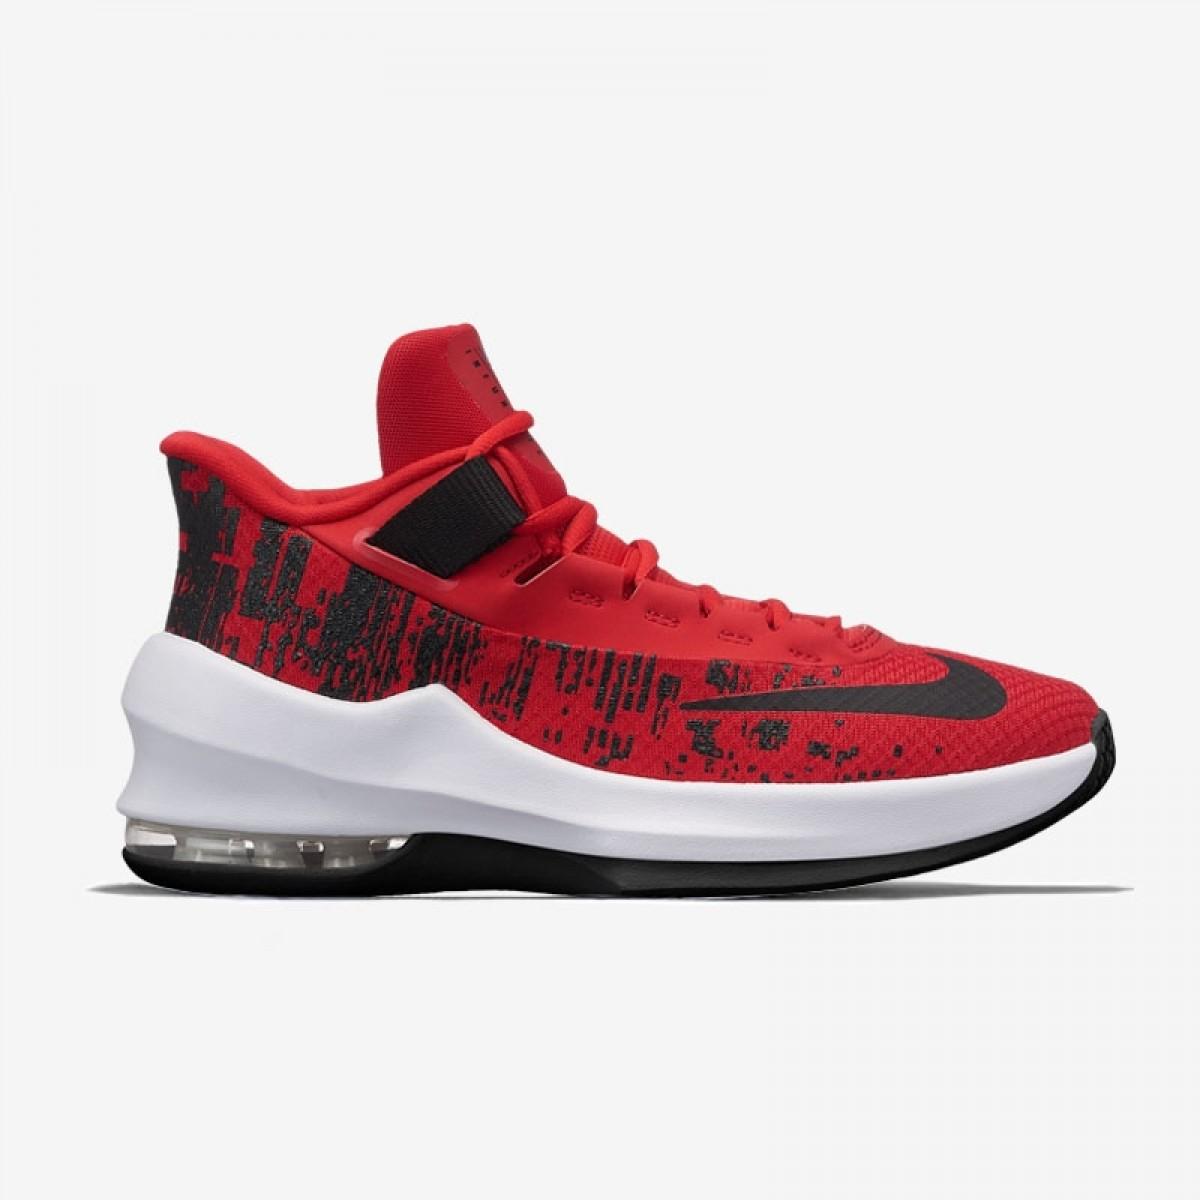 Nike Air Max Infuriate II 'Red Pixel'